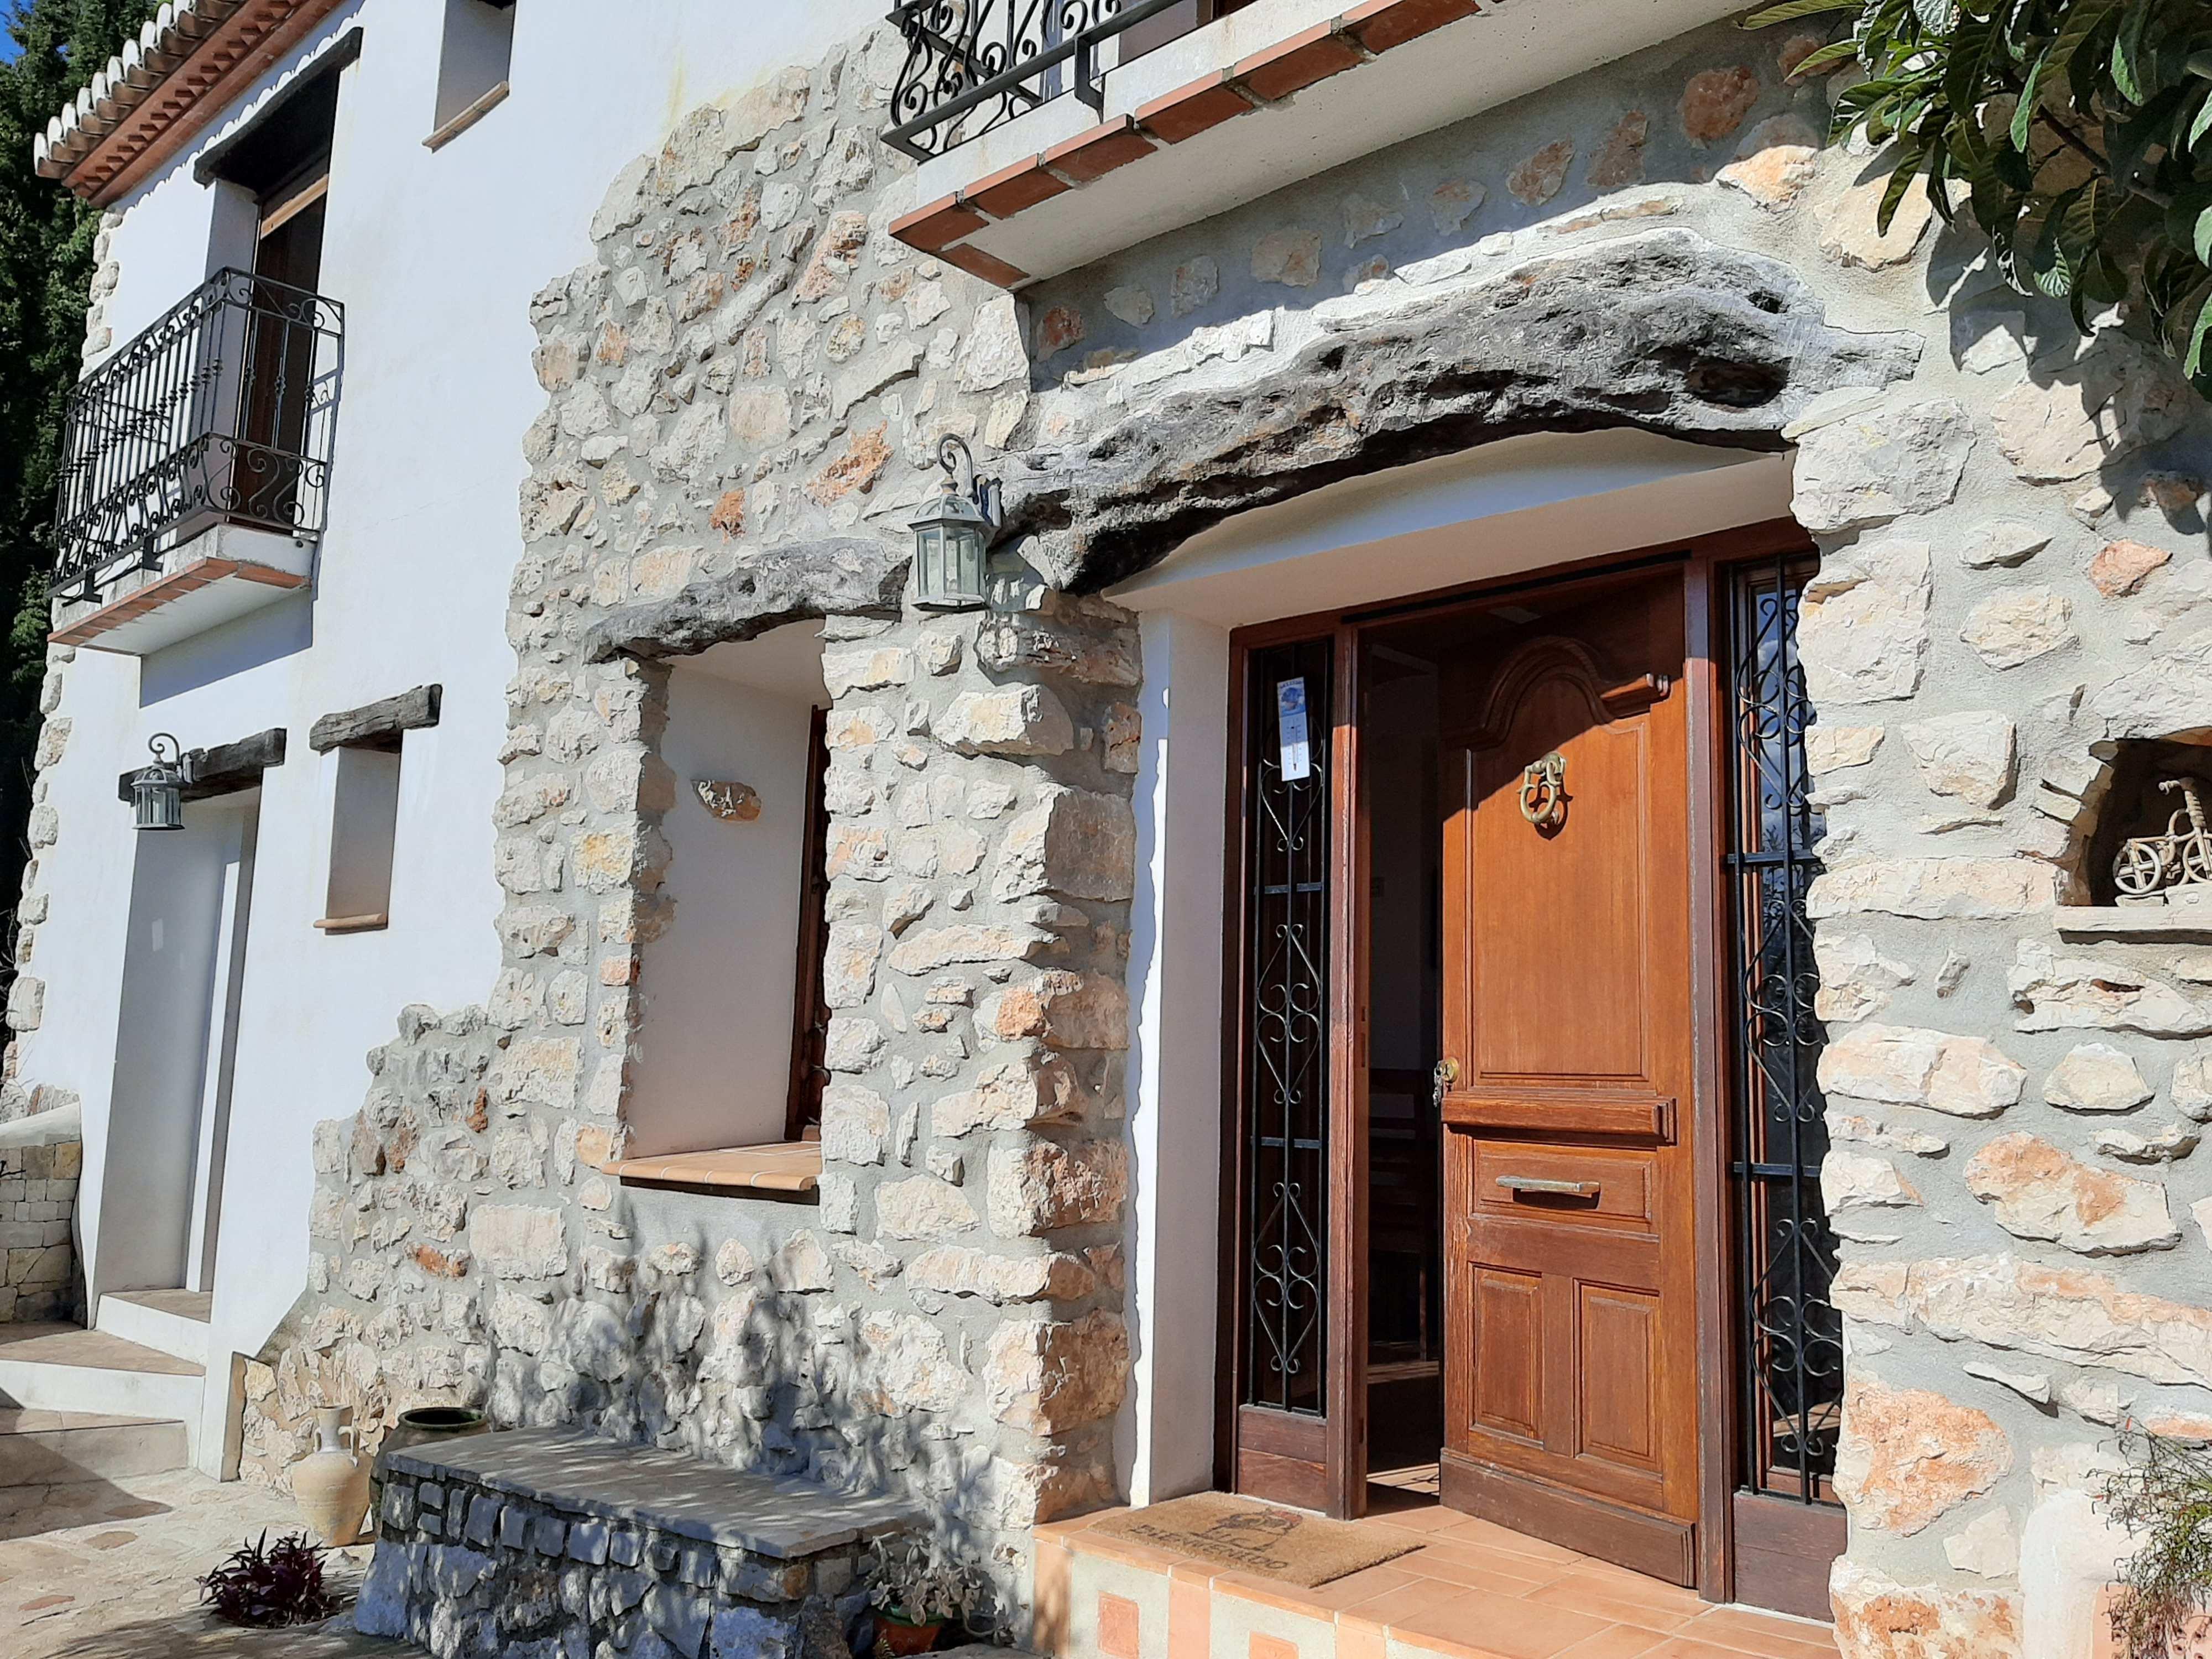 Galerie de photos - 4 - Olea-Home   Real Estate en Orba y Teulada-Moraira  